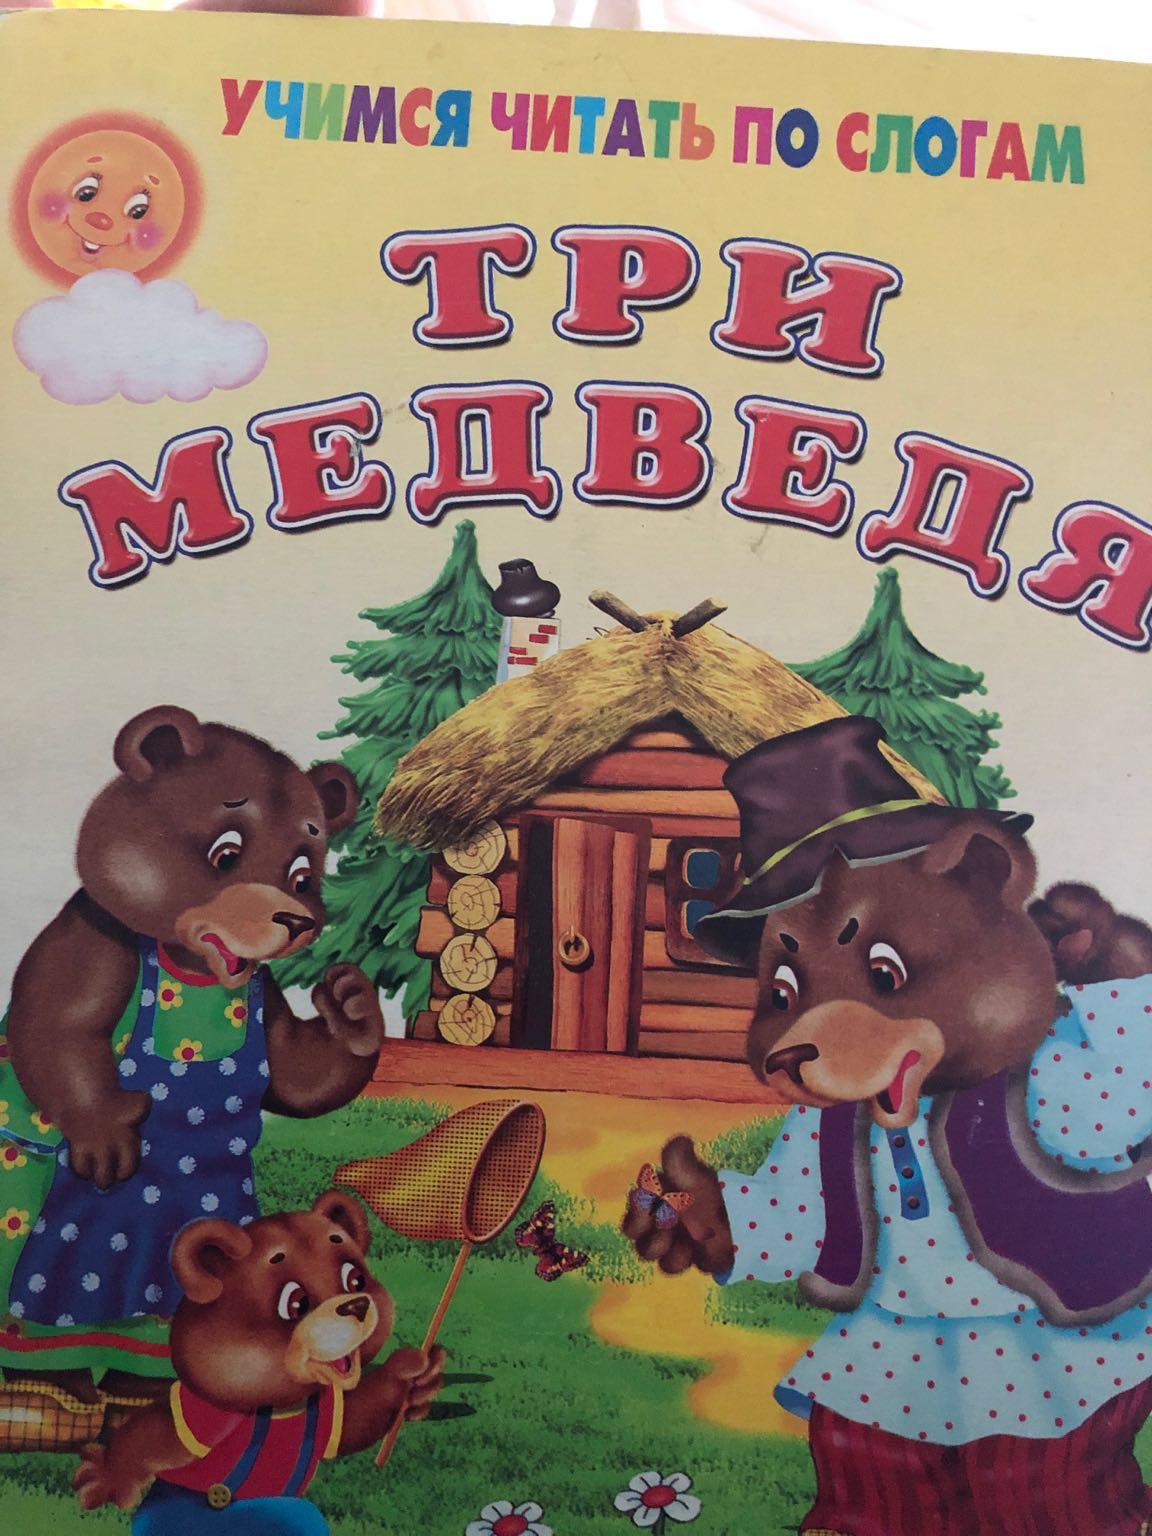 Book: Ladushki (bolshie). Tri medvedya. Uchimsya chitat po slogam (ISBN: 591315021X)